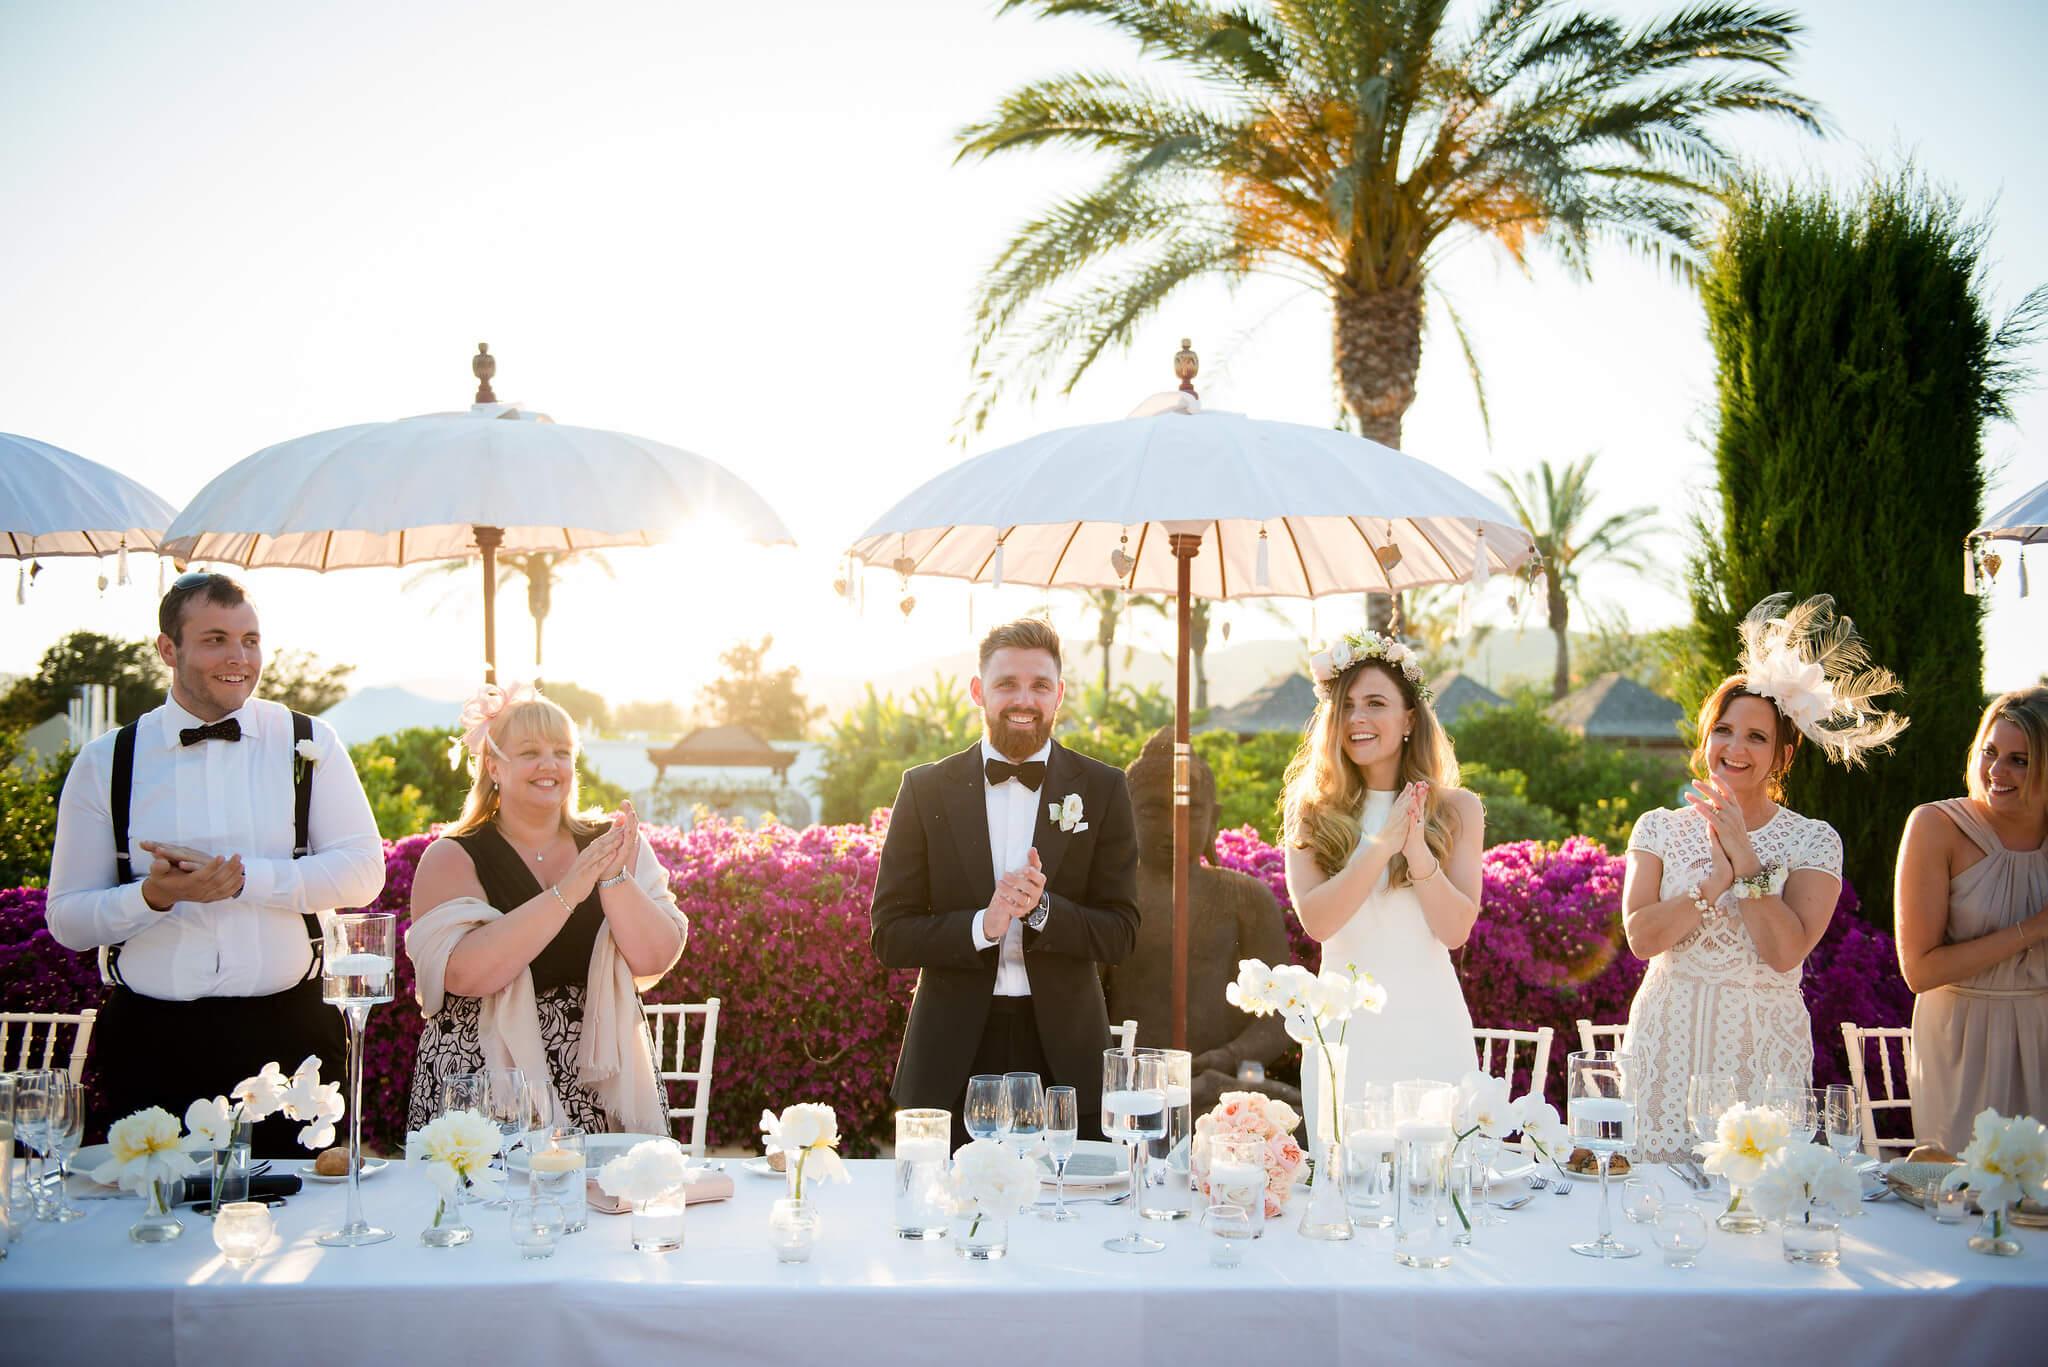 https://www.white-ibiza.com/wp-content/uploads/2020/03/ibiza-wedding-photographer-gypsy-westwood-2020-12.jpg